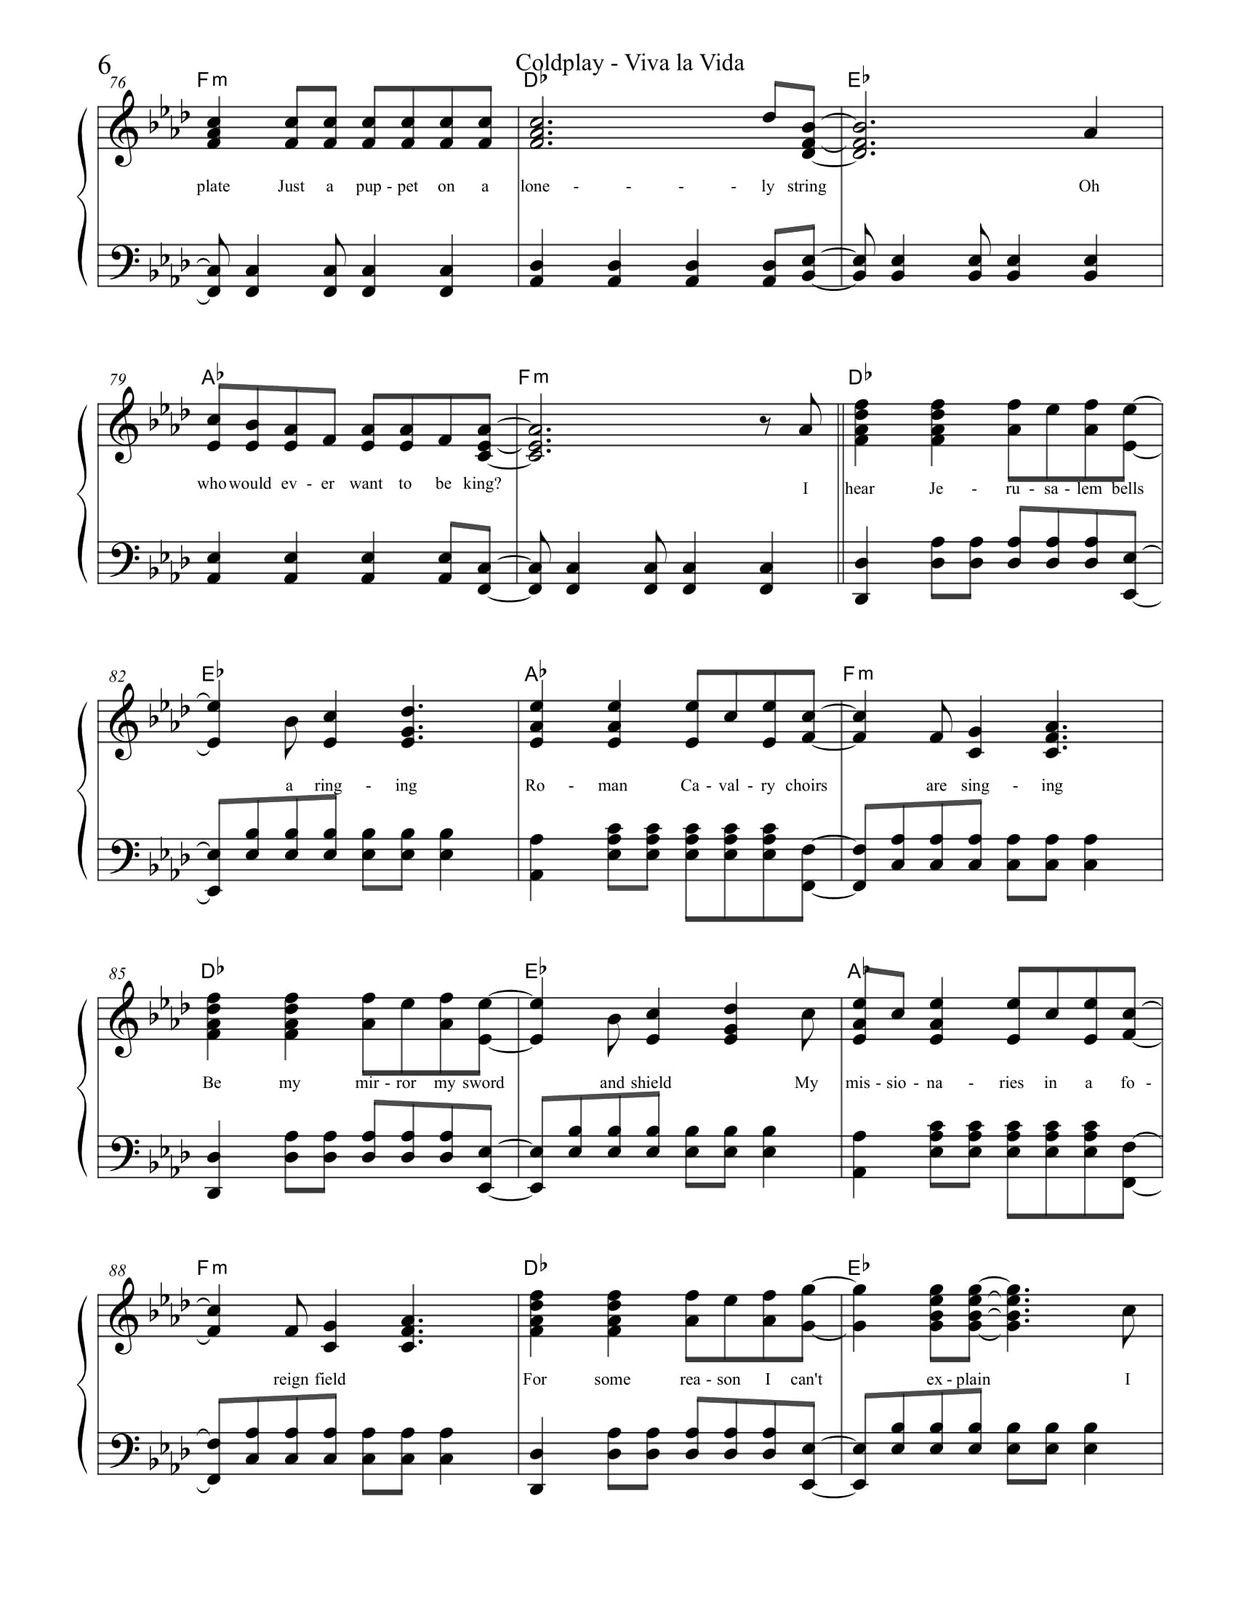 Partitura Para Piano Viva La Vida Coldplay Partituras Para